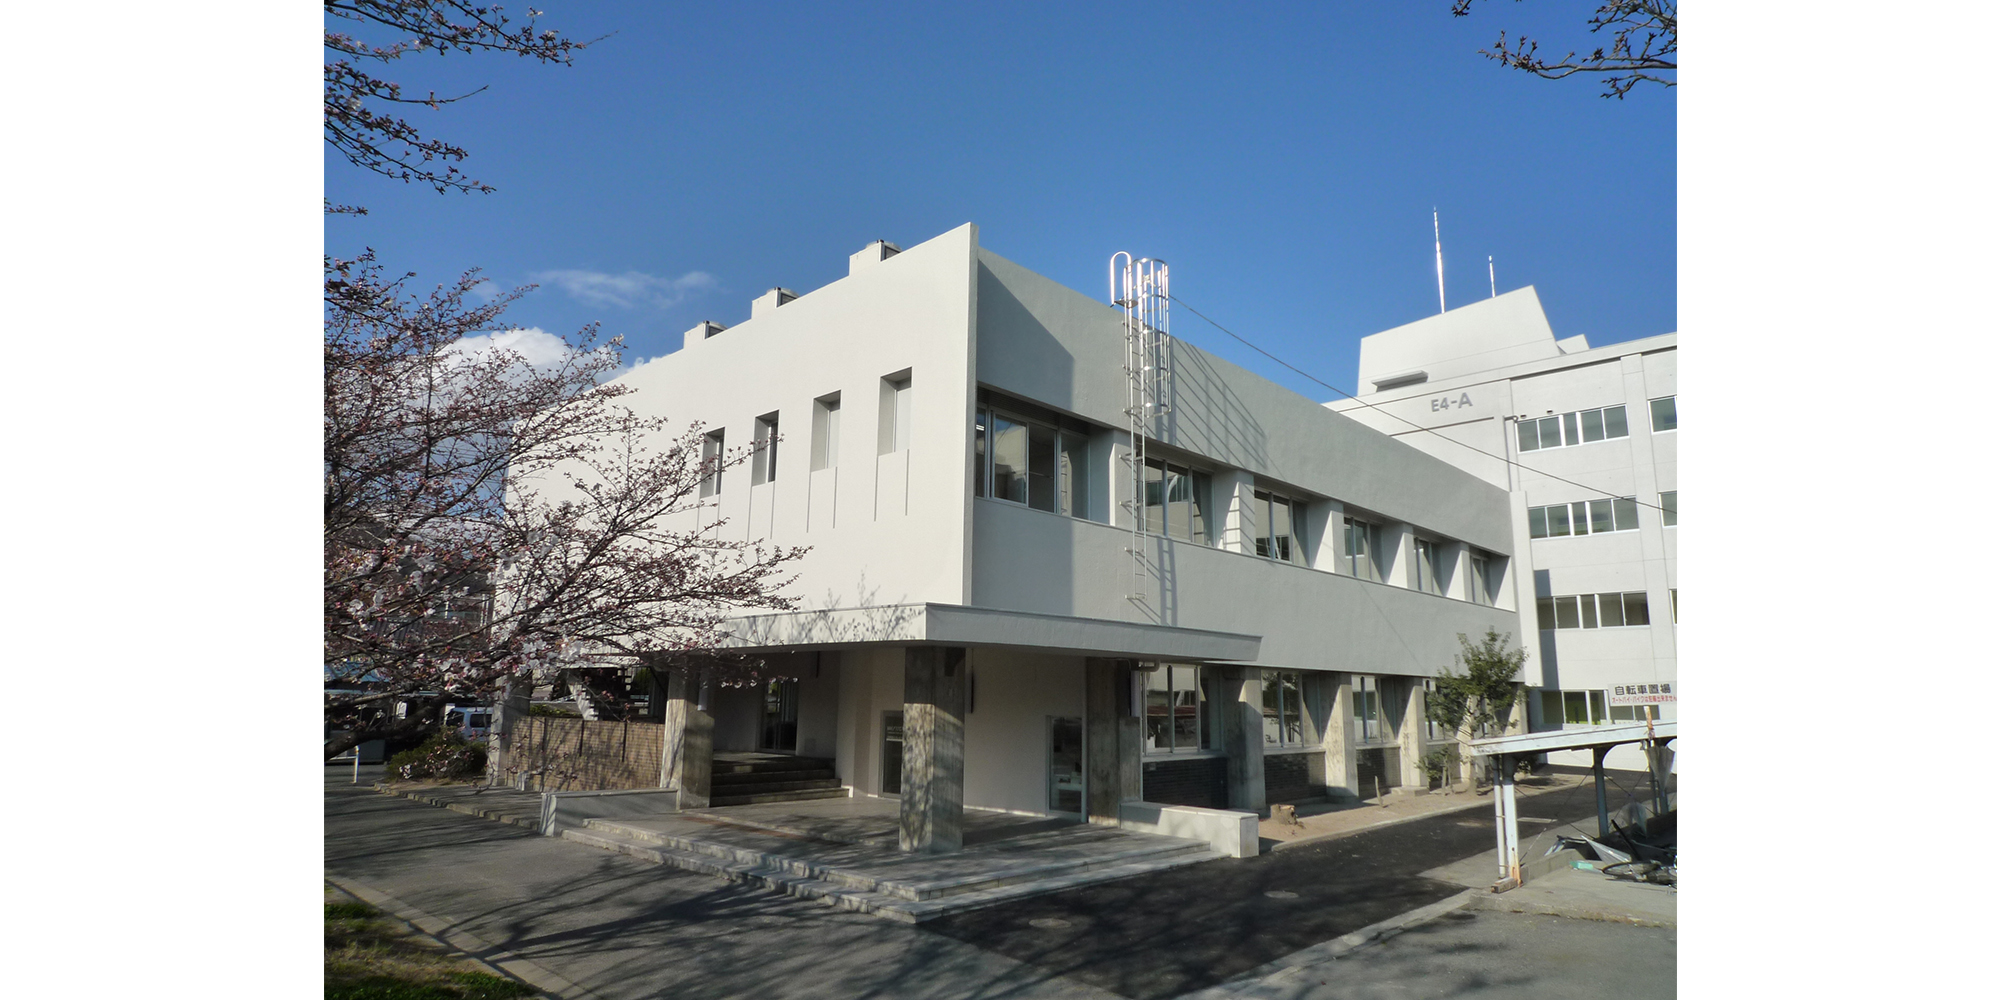 佐藤建築事務所「岡山大学講義棟リノベーション」